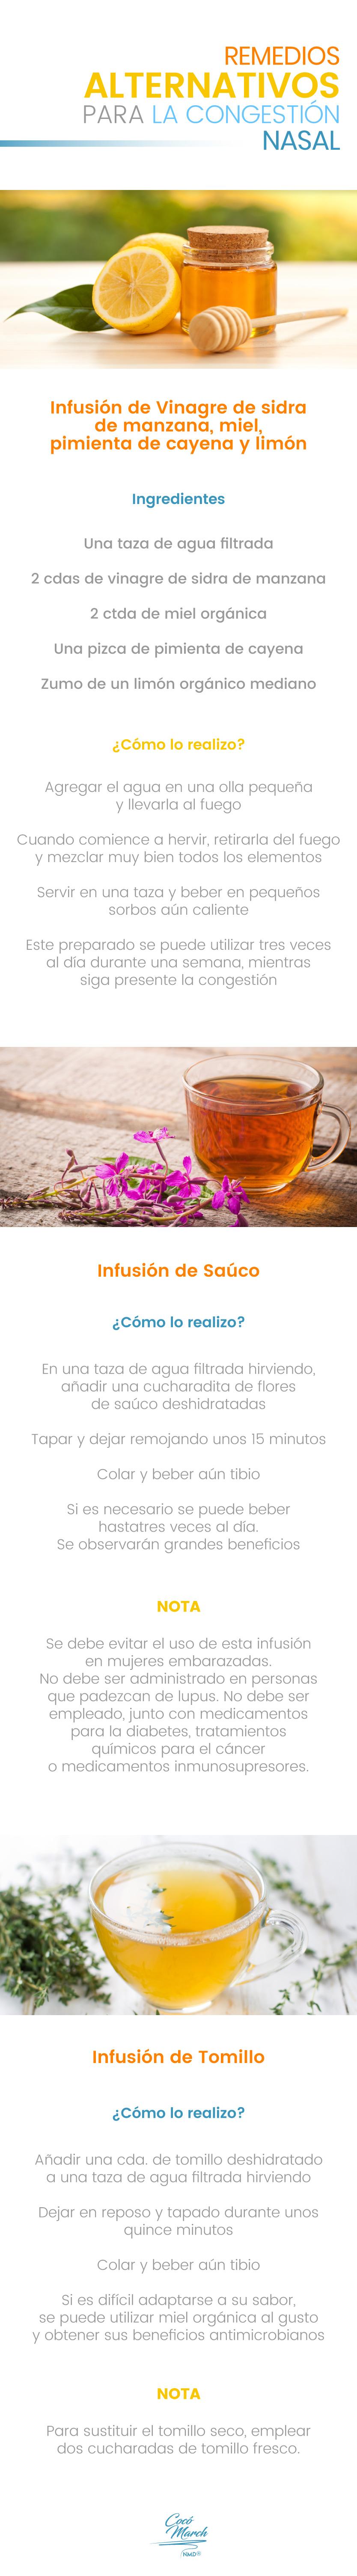 congestion-nasal-remedios-caseros